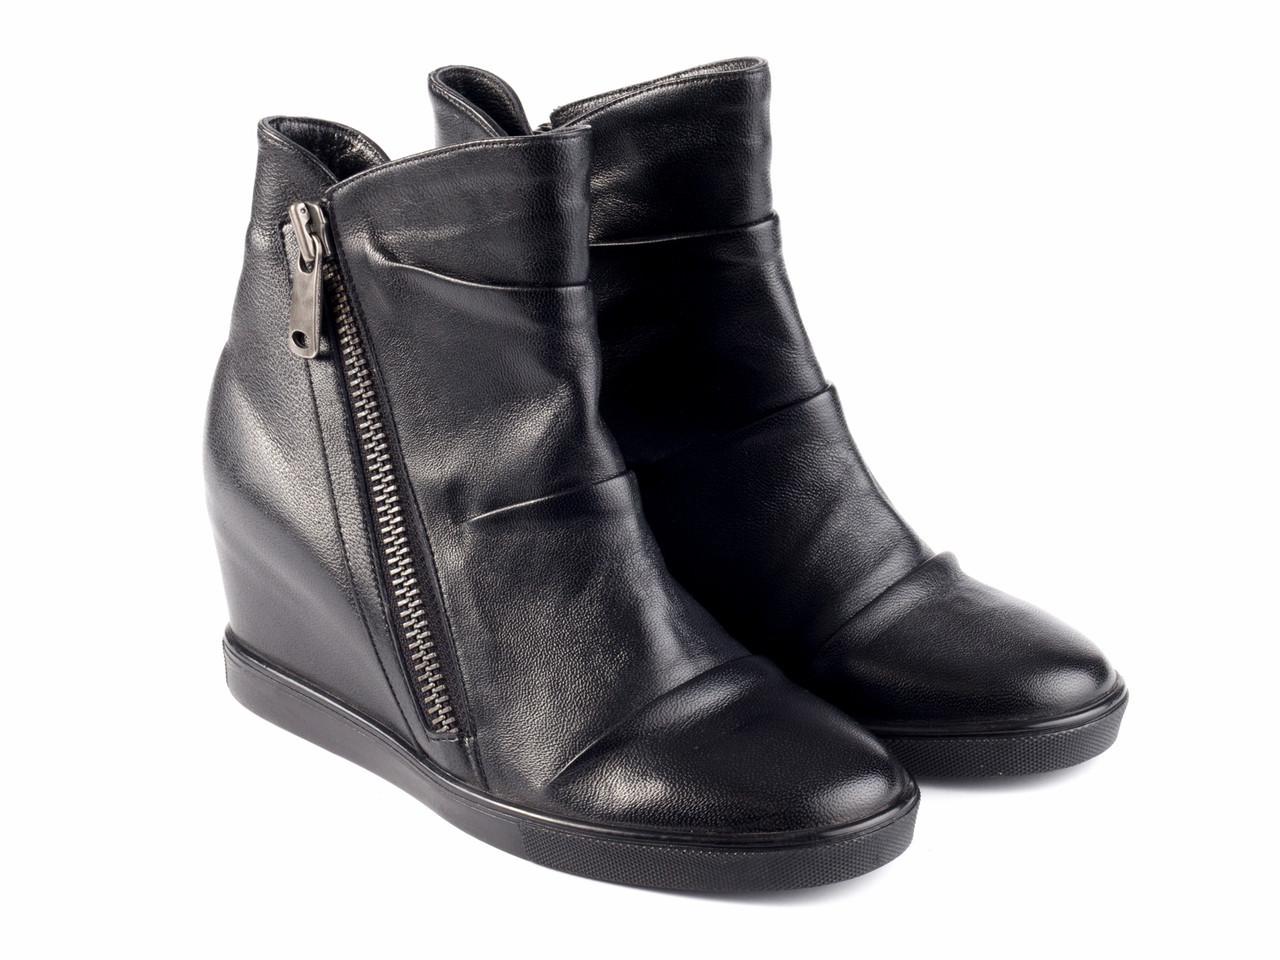 Ботинки Etor 4355-7140-1 37 черные